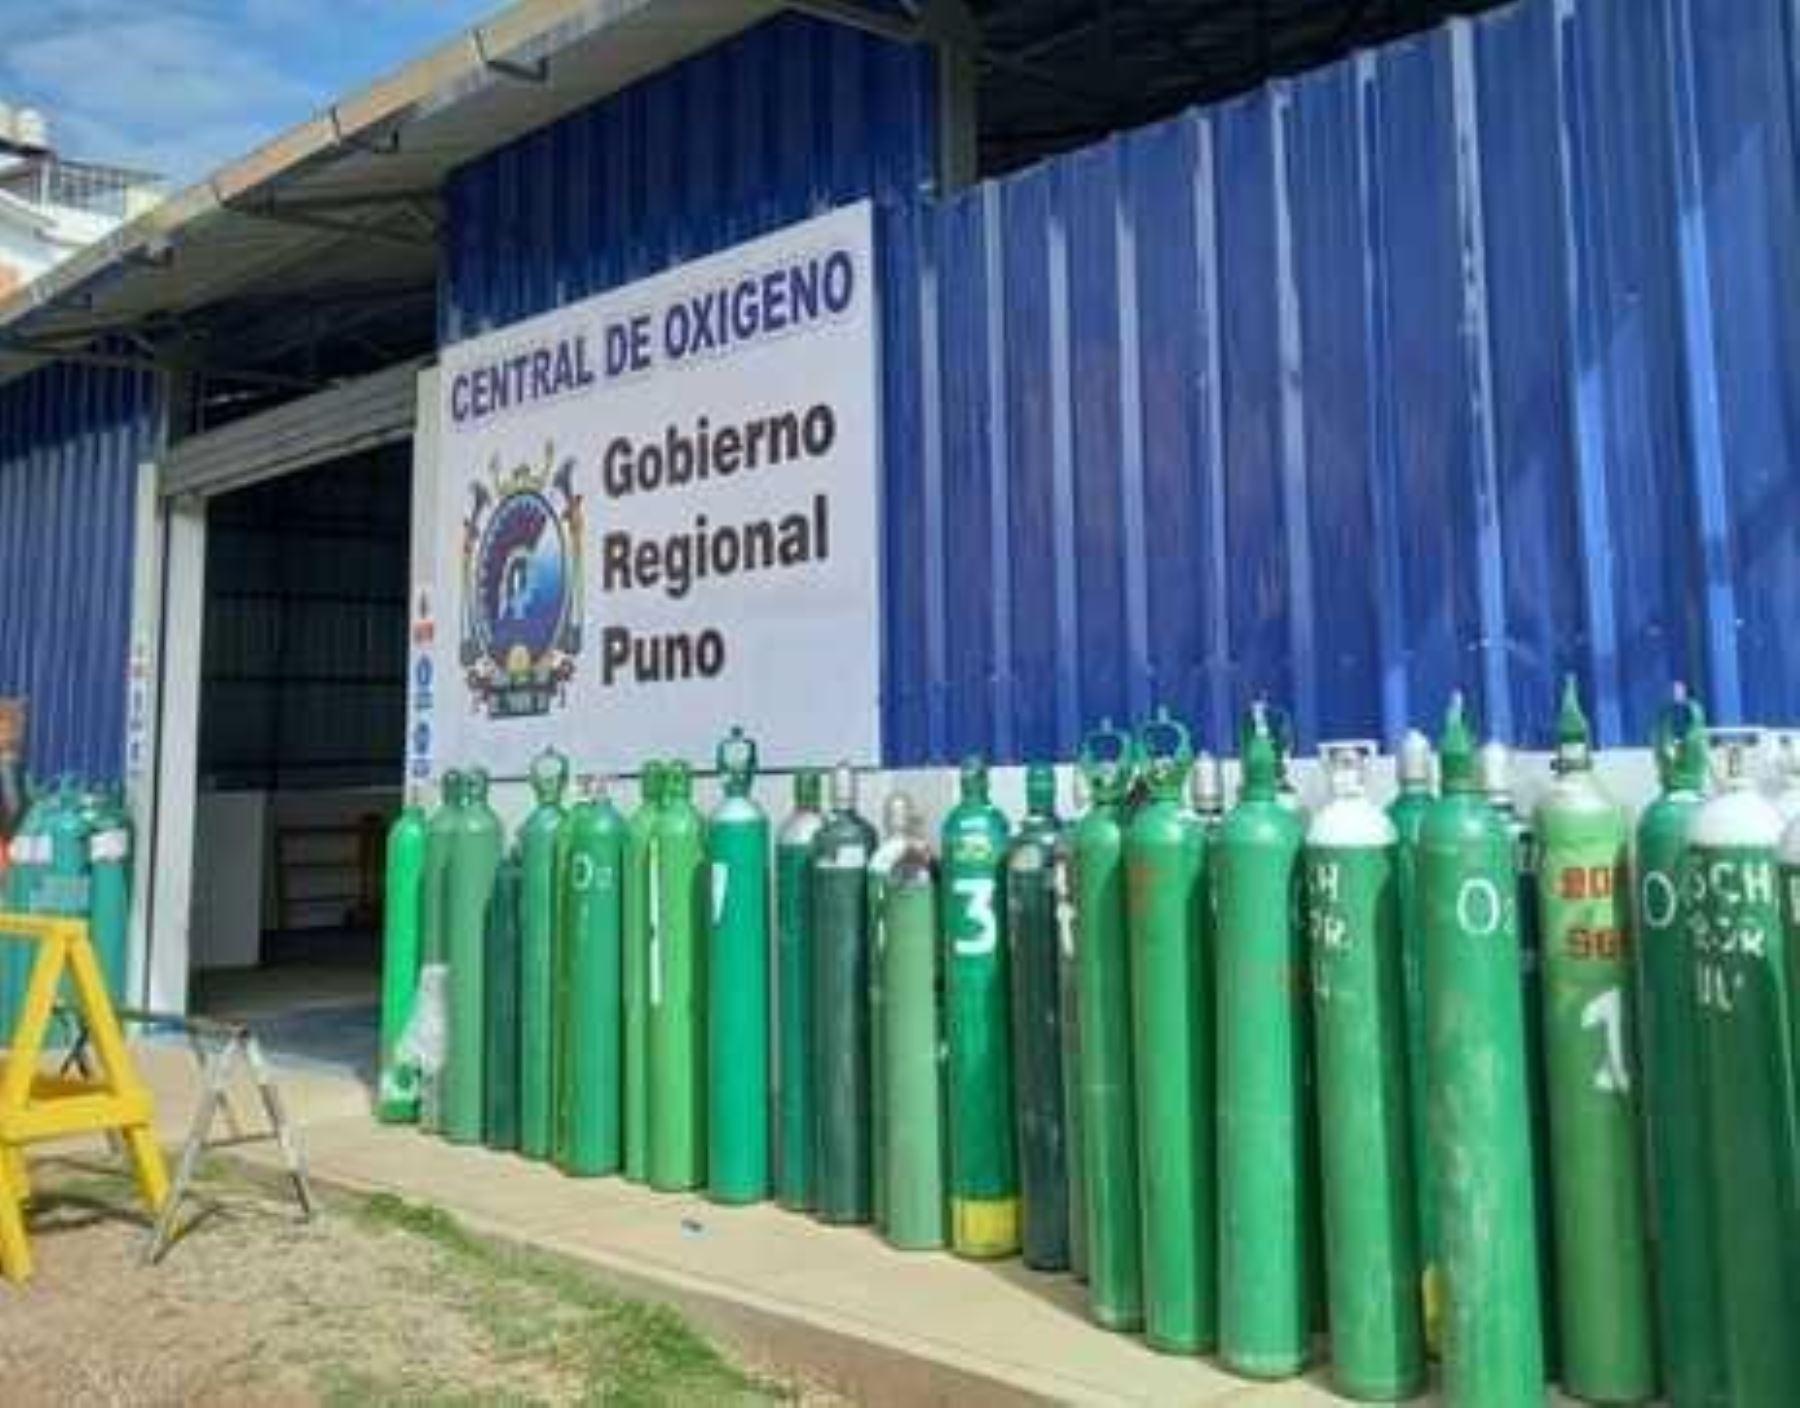 Minsa resalta que la región Puno cuenta con un buen abastecimiento de oxígeno medicinal gracias al apoyo del sector privado.